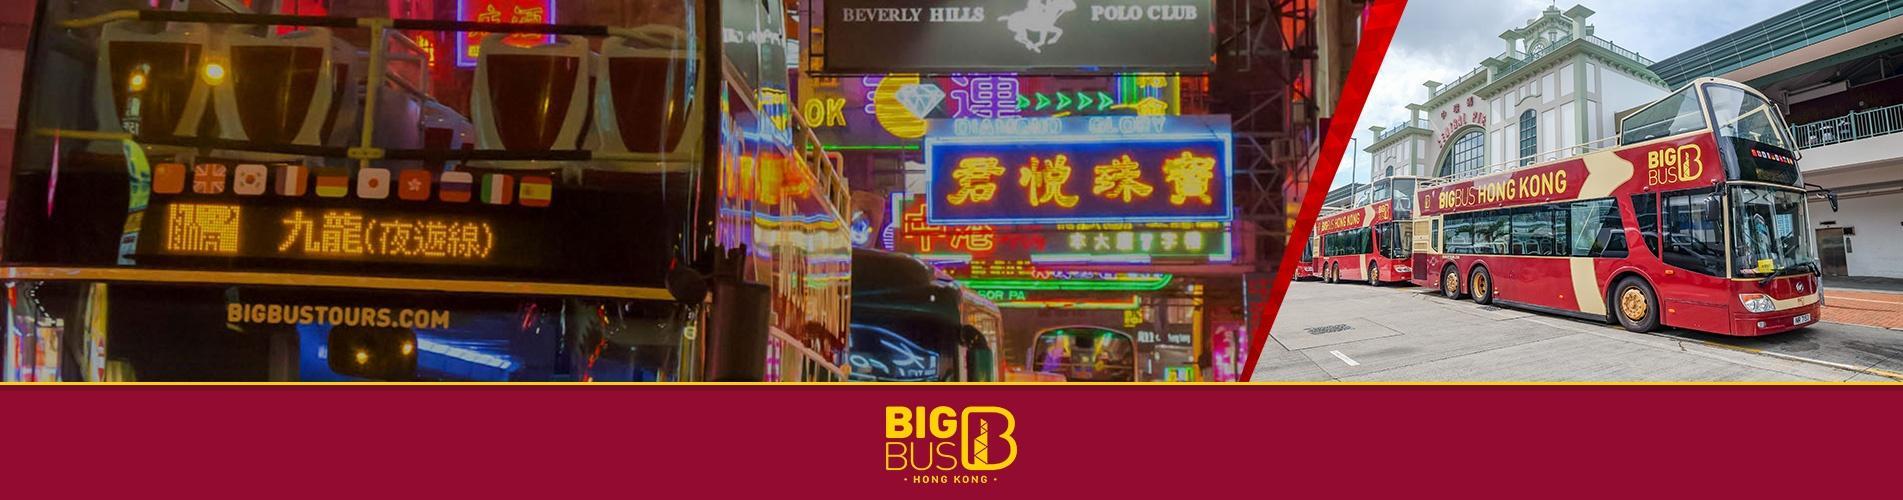 【限時優惠】香港BigBus大巴士觀光套票